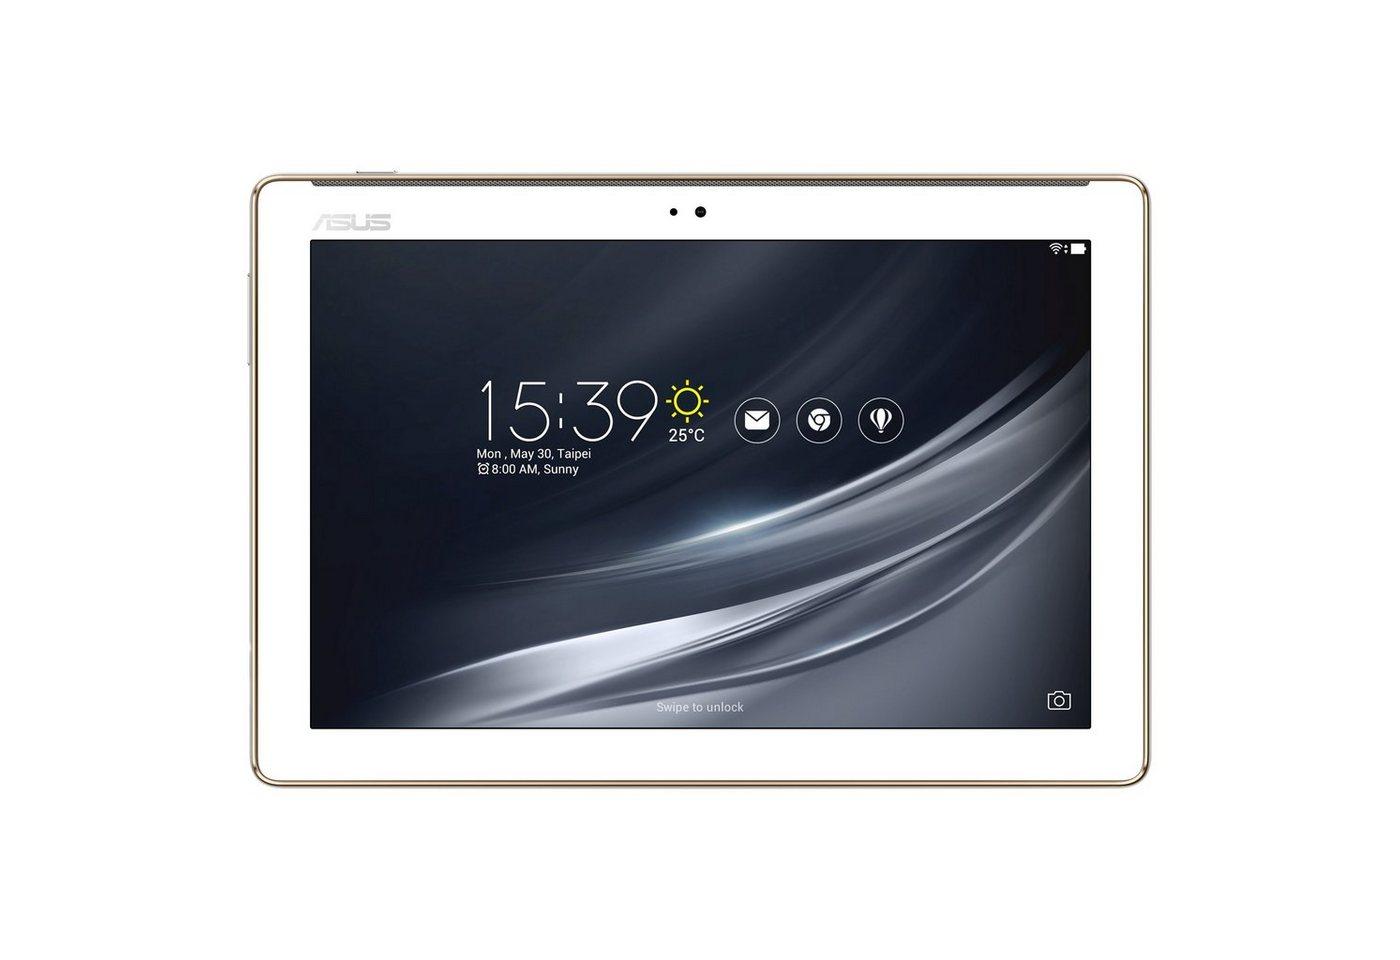 ASUS ZenPad 10 (Z301ML) »Quad-Core, 25,65cm (10,1), 16 GB, 2 GB, LTE« - Preisvergleich